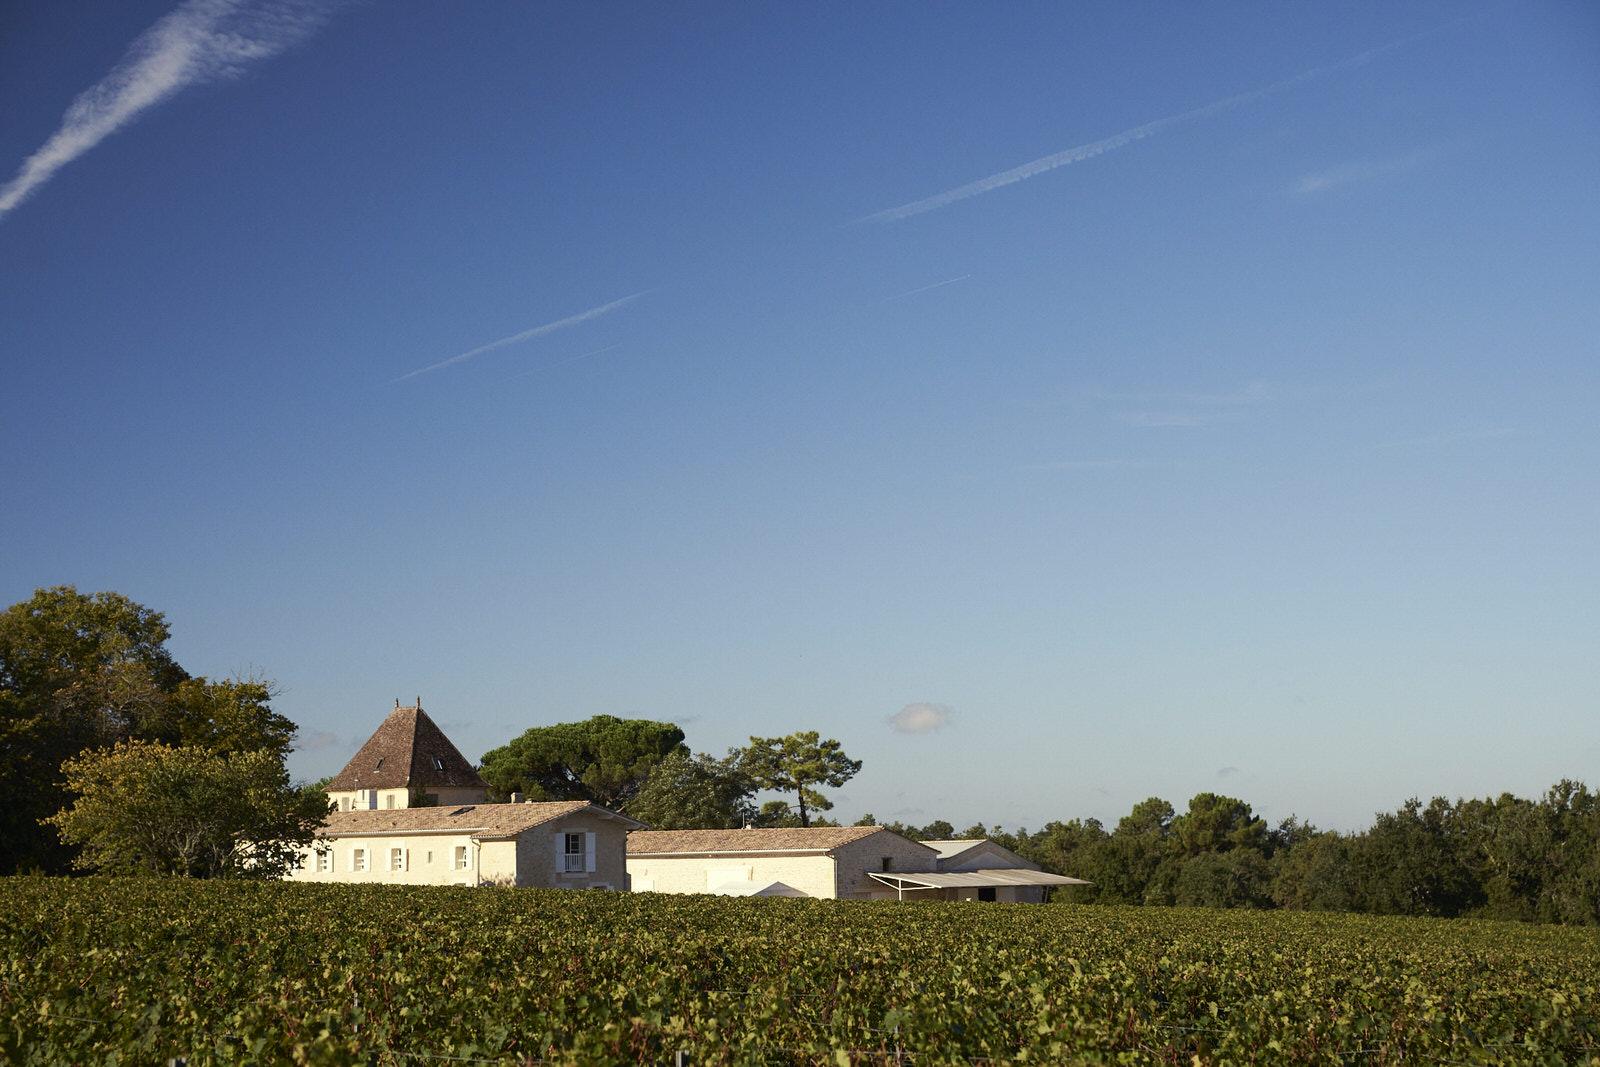 Reportage photo - Domaine viticole 15